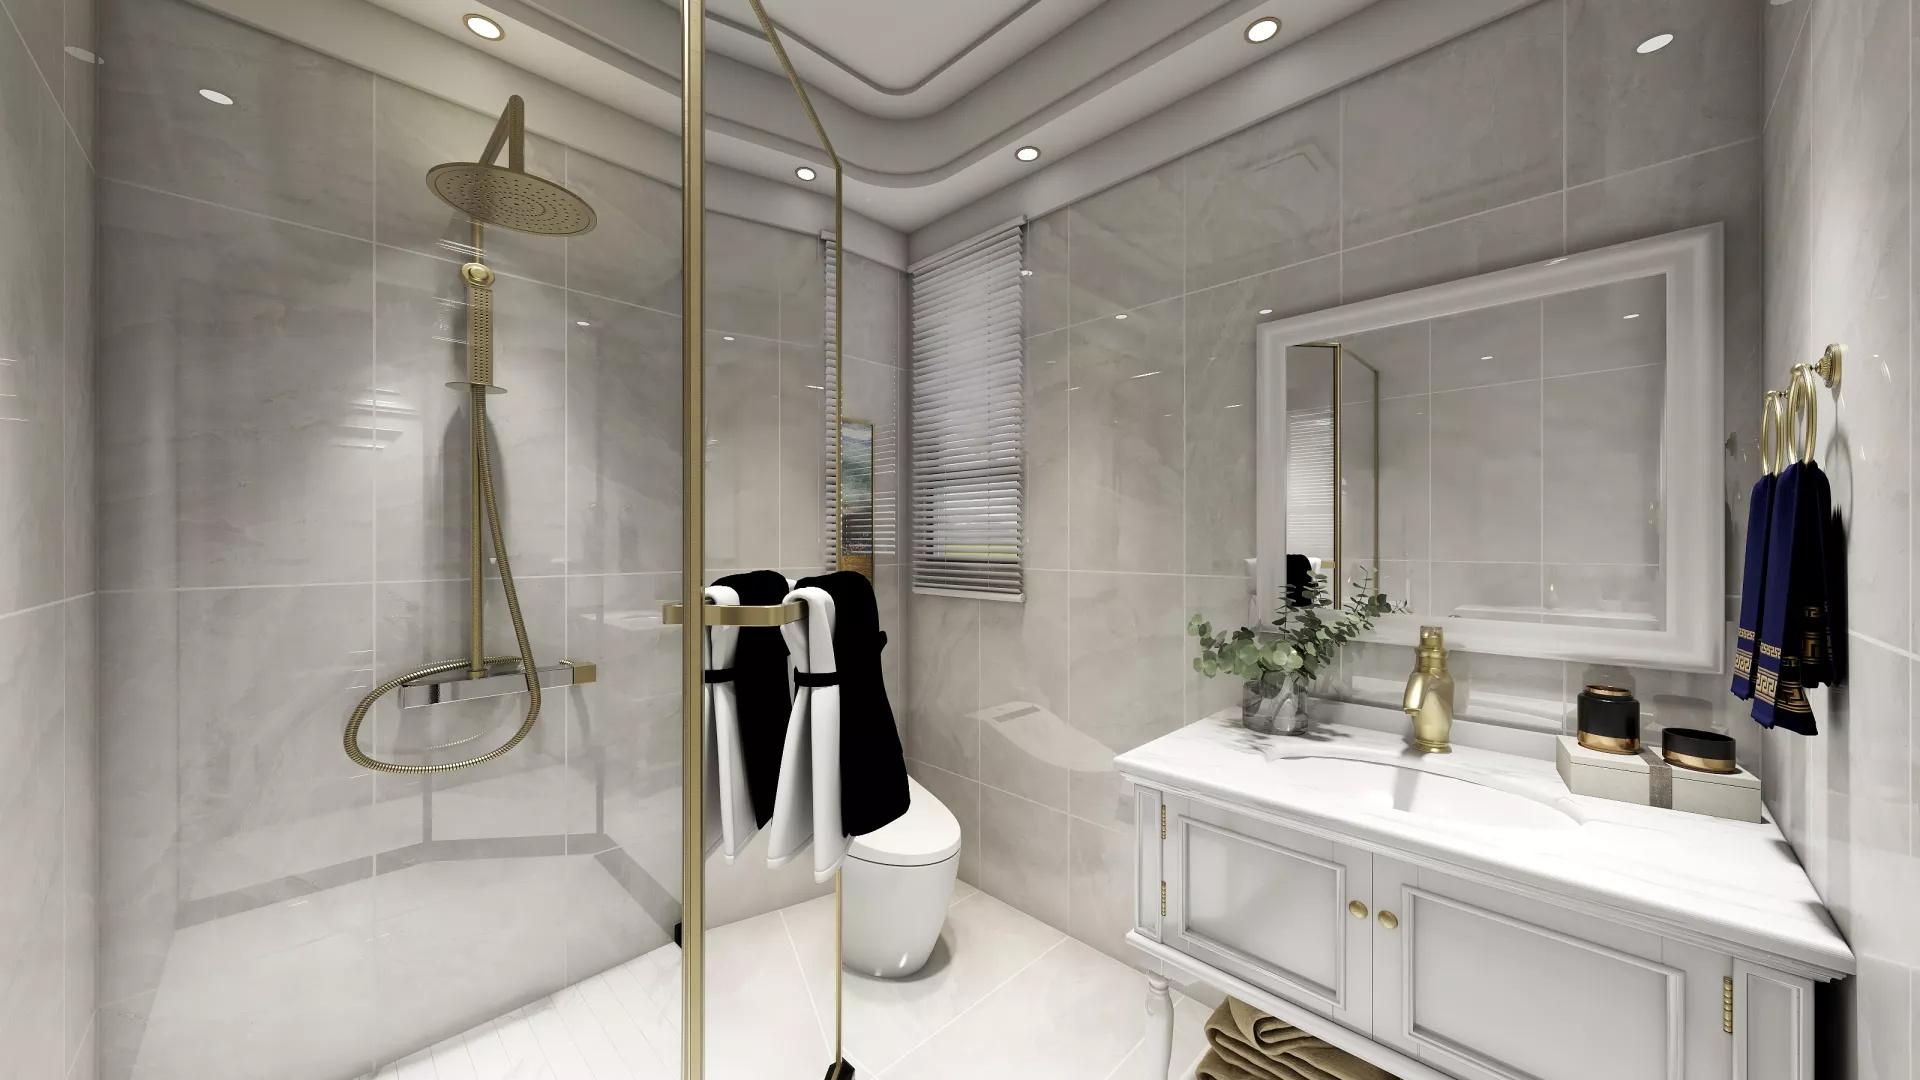 淋浴房怎么清洁 淋浴房平常如何保养